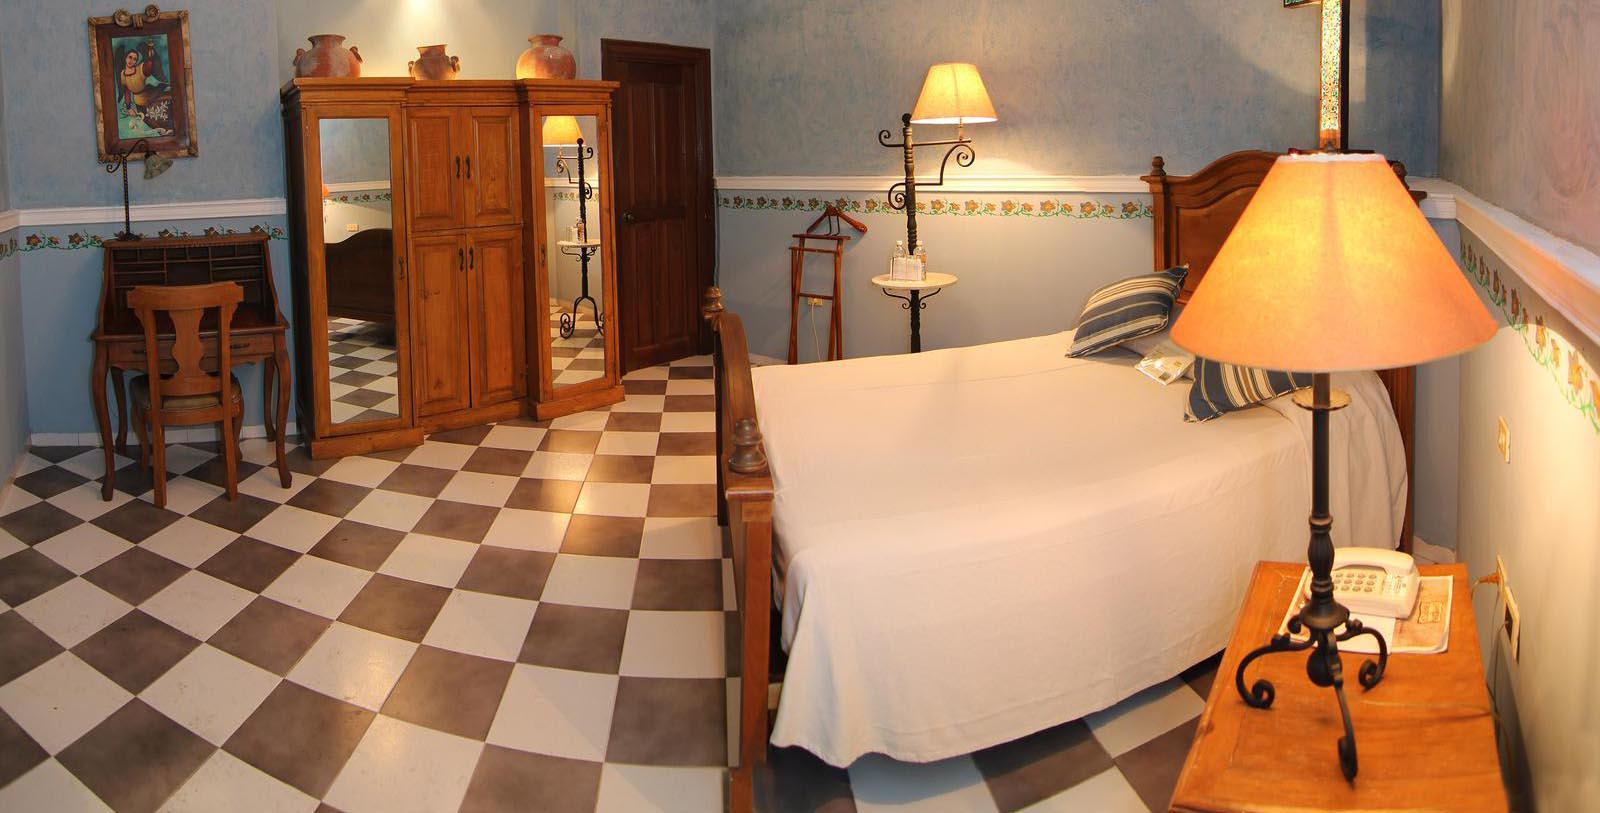 Image of Guestroom Interior La Misión de Fray Diego, 1867 Member of Historic Hotels Worldwide, in Merida, Mexico, Location